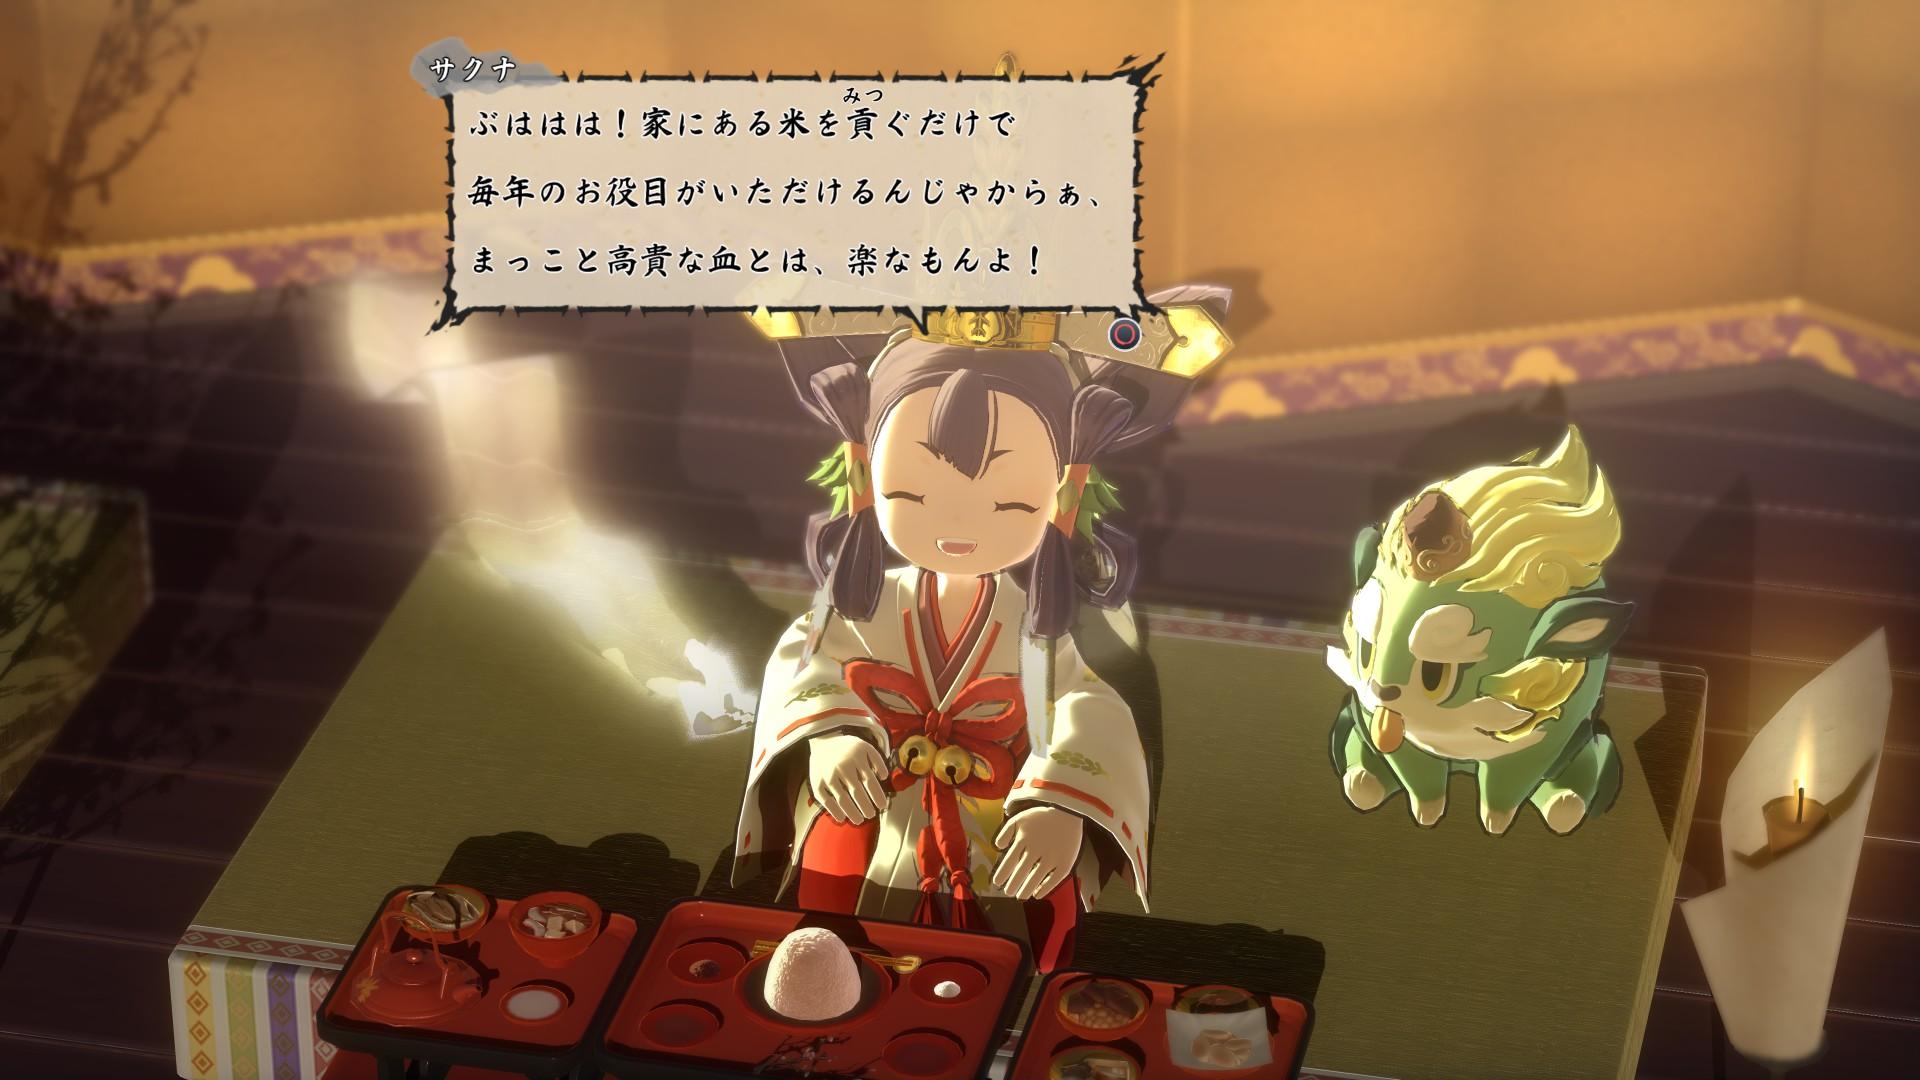 《牧场物语 橄榄镇与希望的大地》联动《天穗之咲稻姬》DLC已限时免费发布插图9